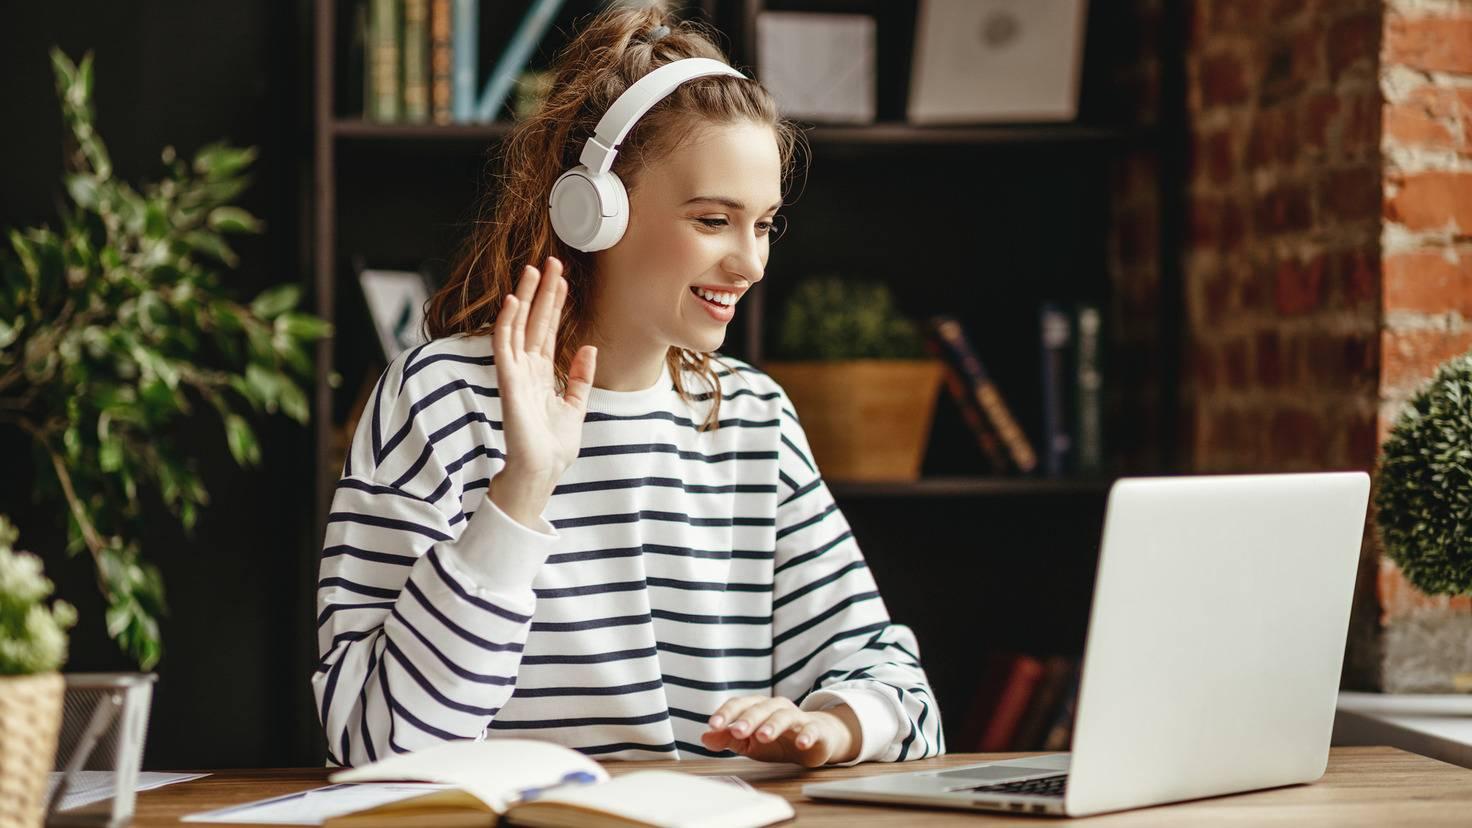 Étudiant portable ordinateur portable étudiant apprentissage